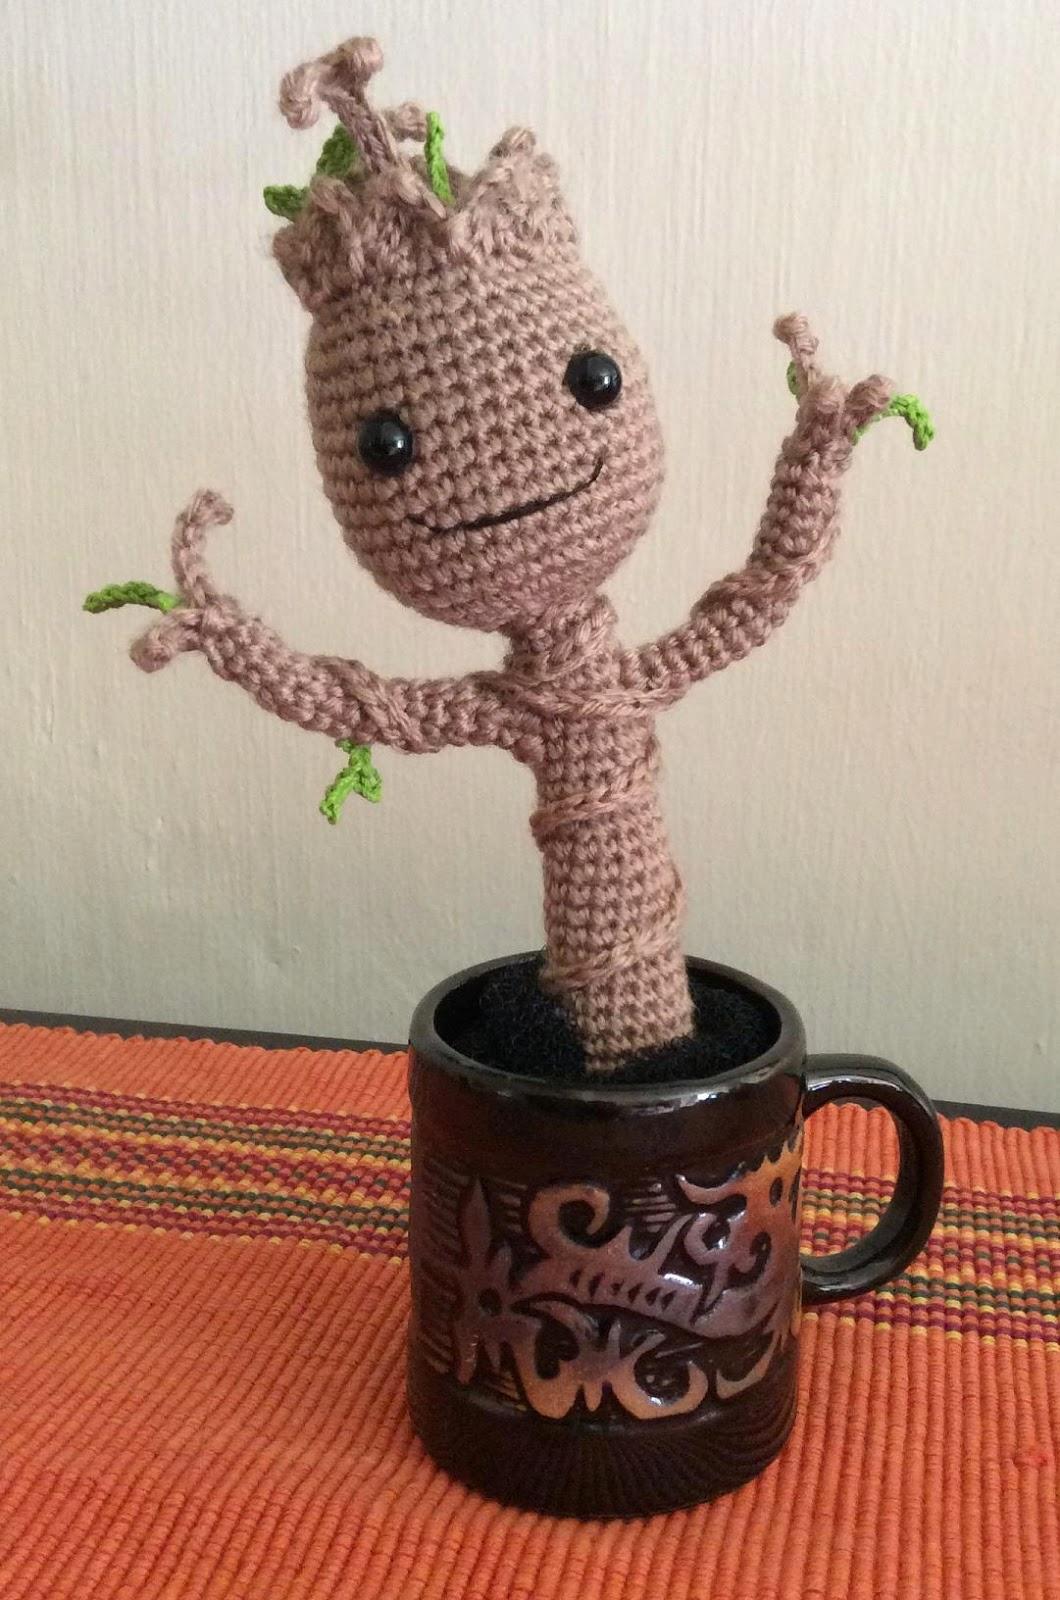 Amigurumi Patterns Groot : The moody homemaker another crochet amigurumi baby groot